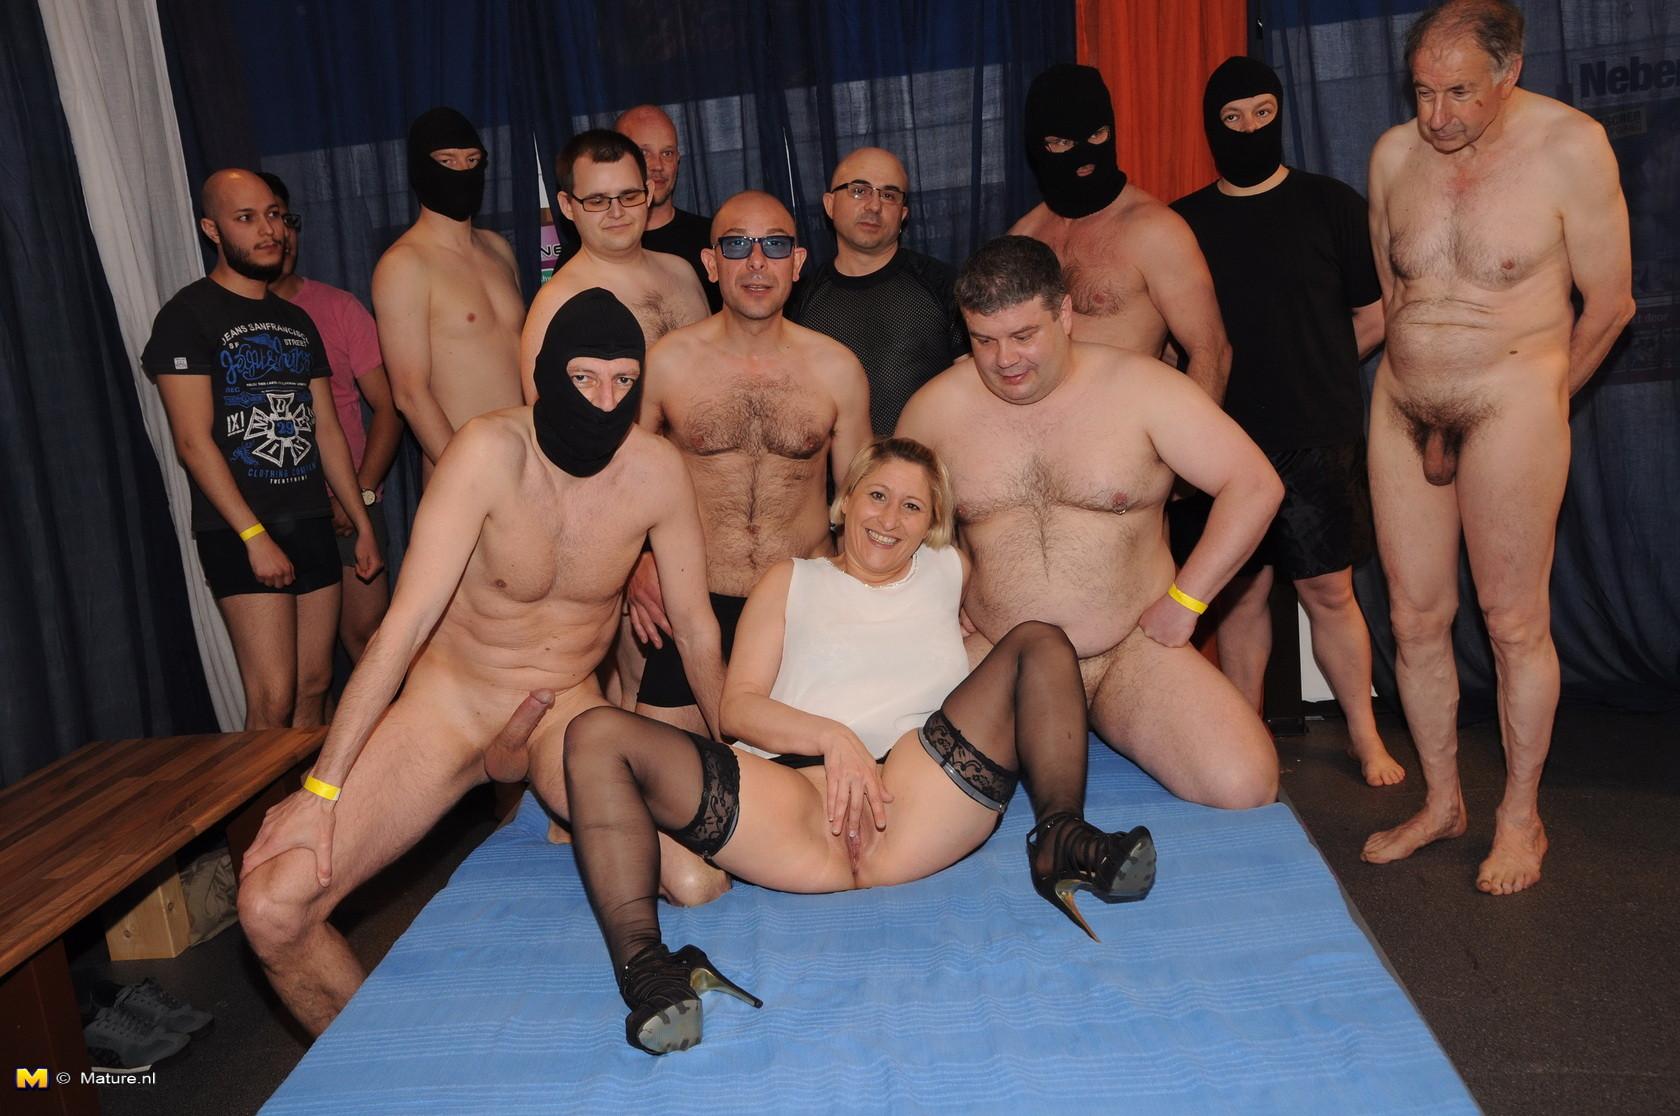 Зрелые мадамы в стриптиз клубе сосут члены и облизывают сперму с лица